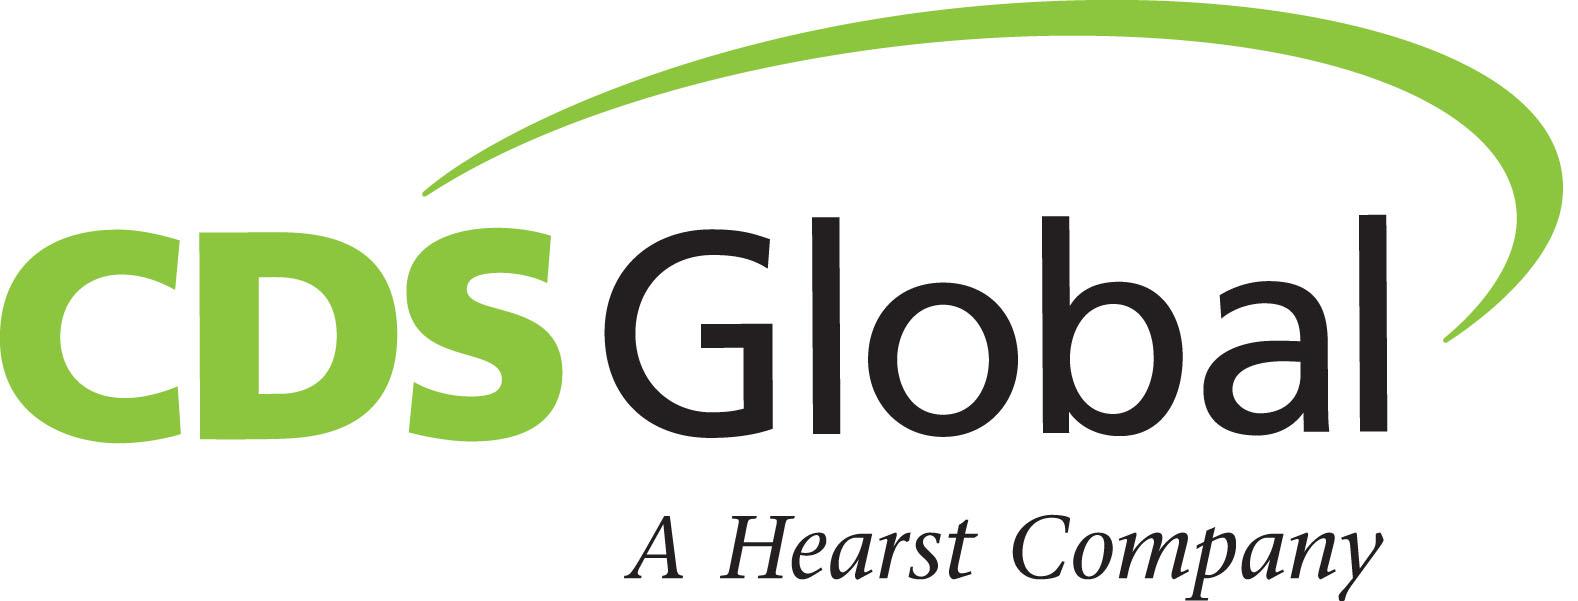 CDS-global-sponsor-logo.JPG